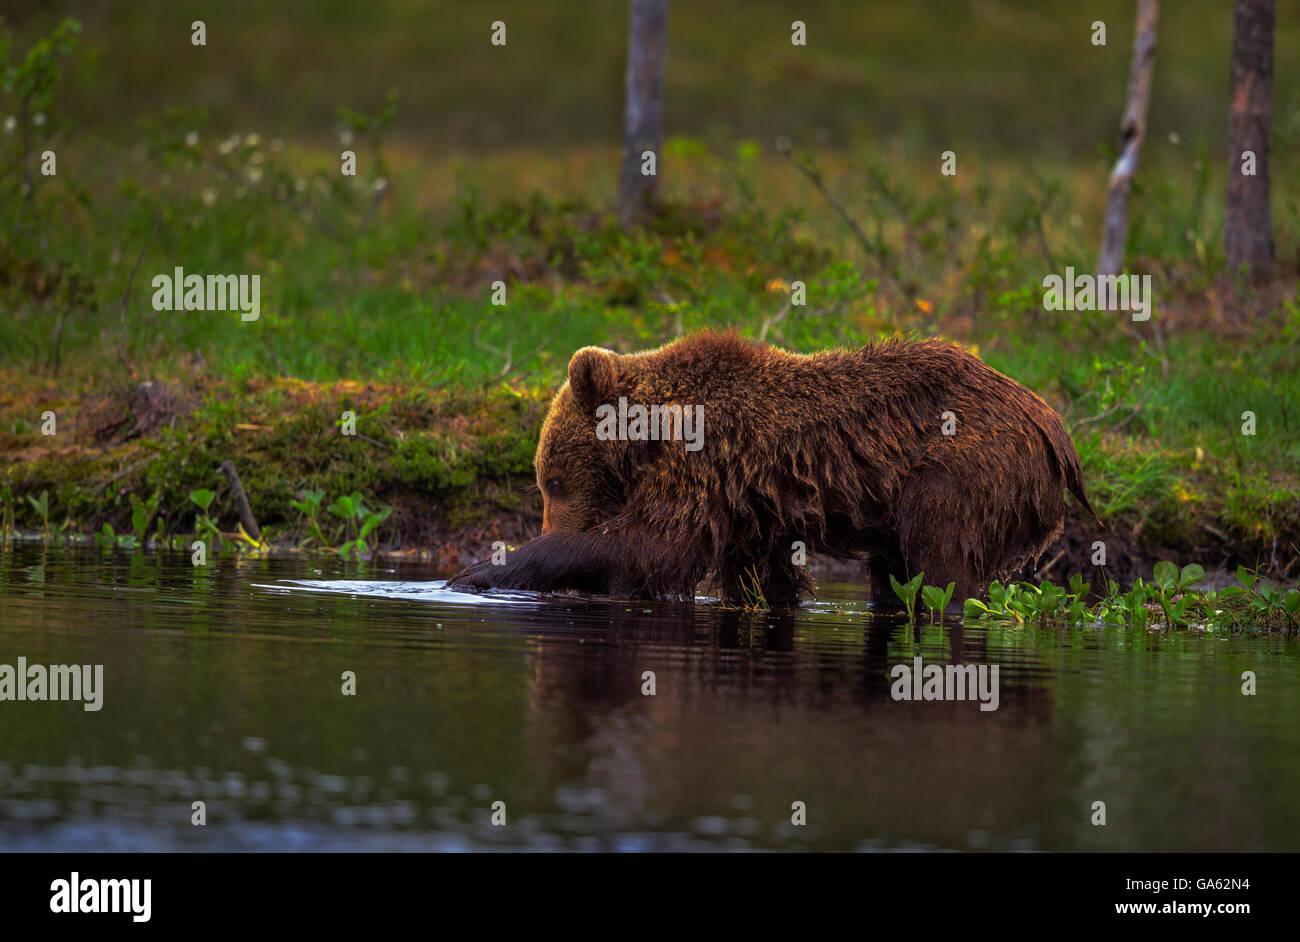 Ein junger Braunbär Fischen in einem See im Norden Finnlands. Stockfoto